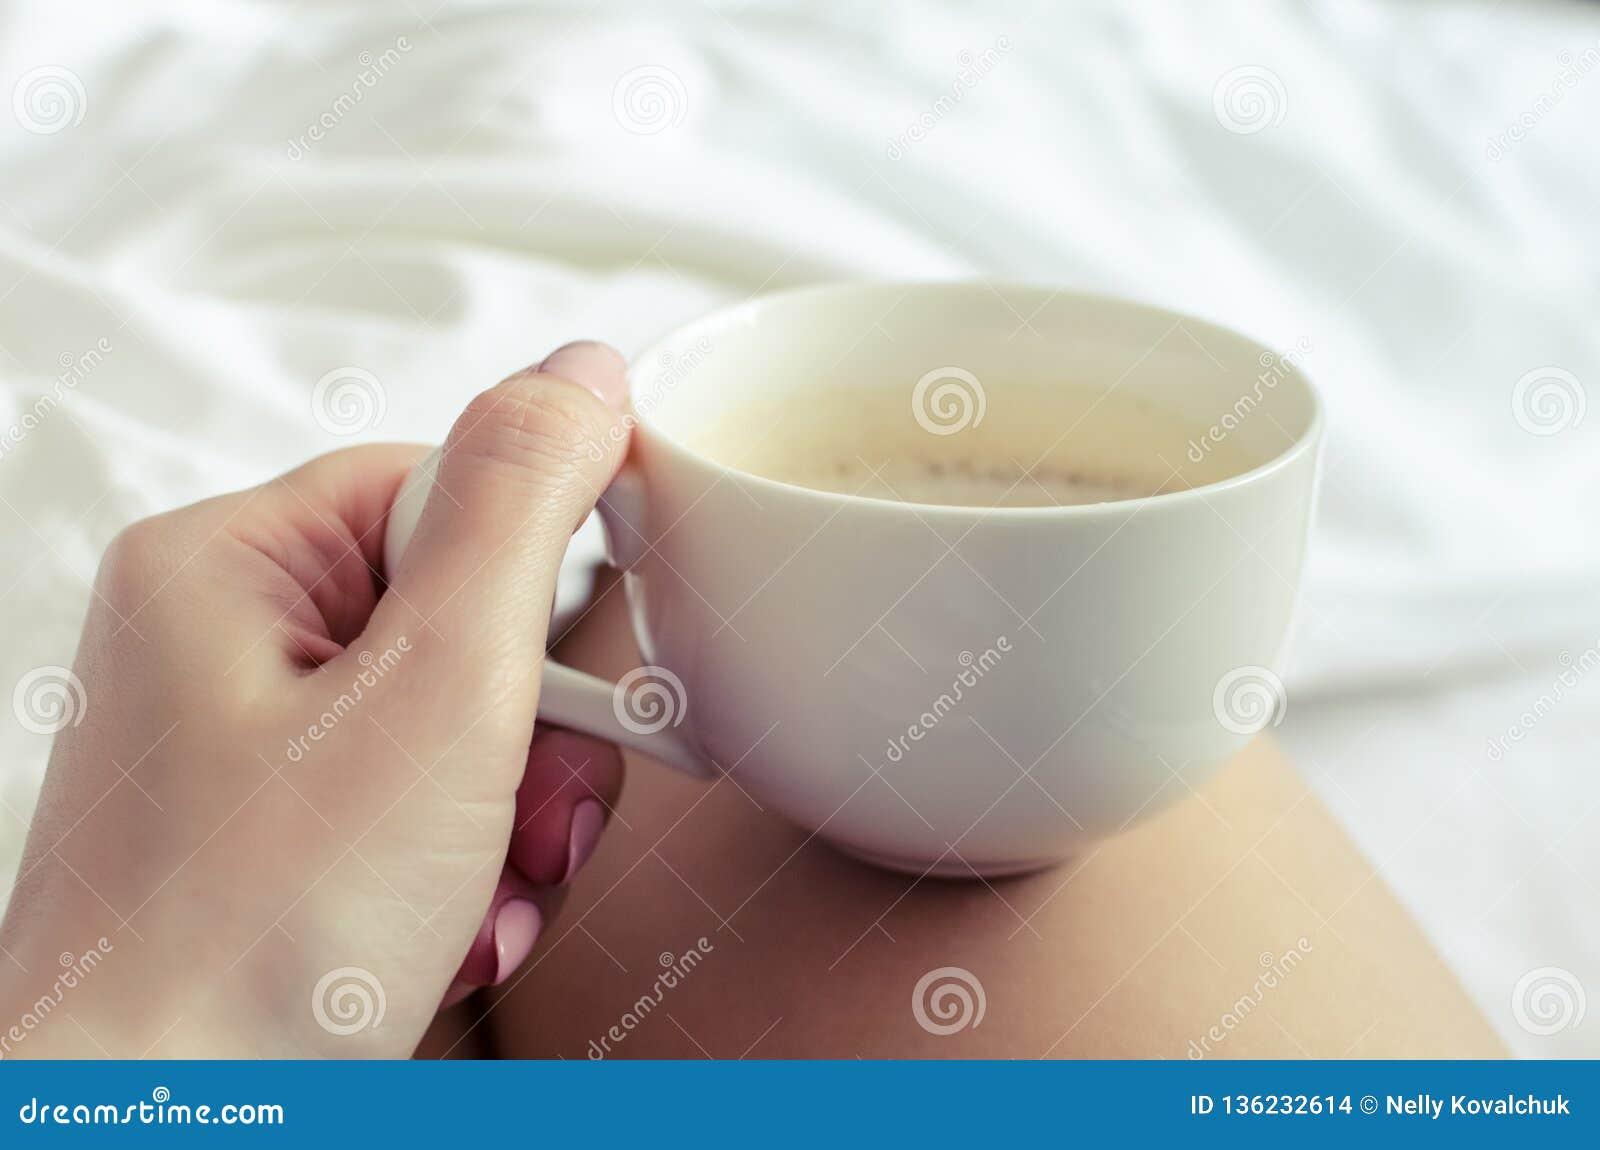 Guten morgen sexy kaffee